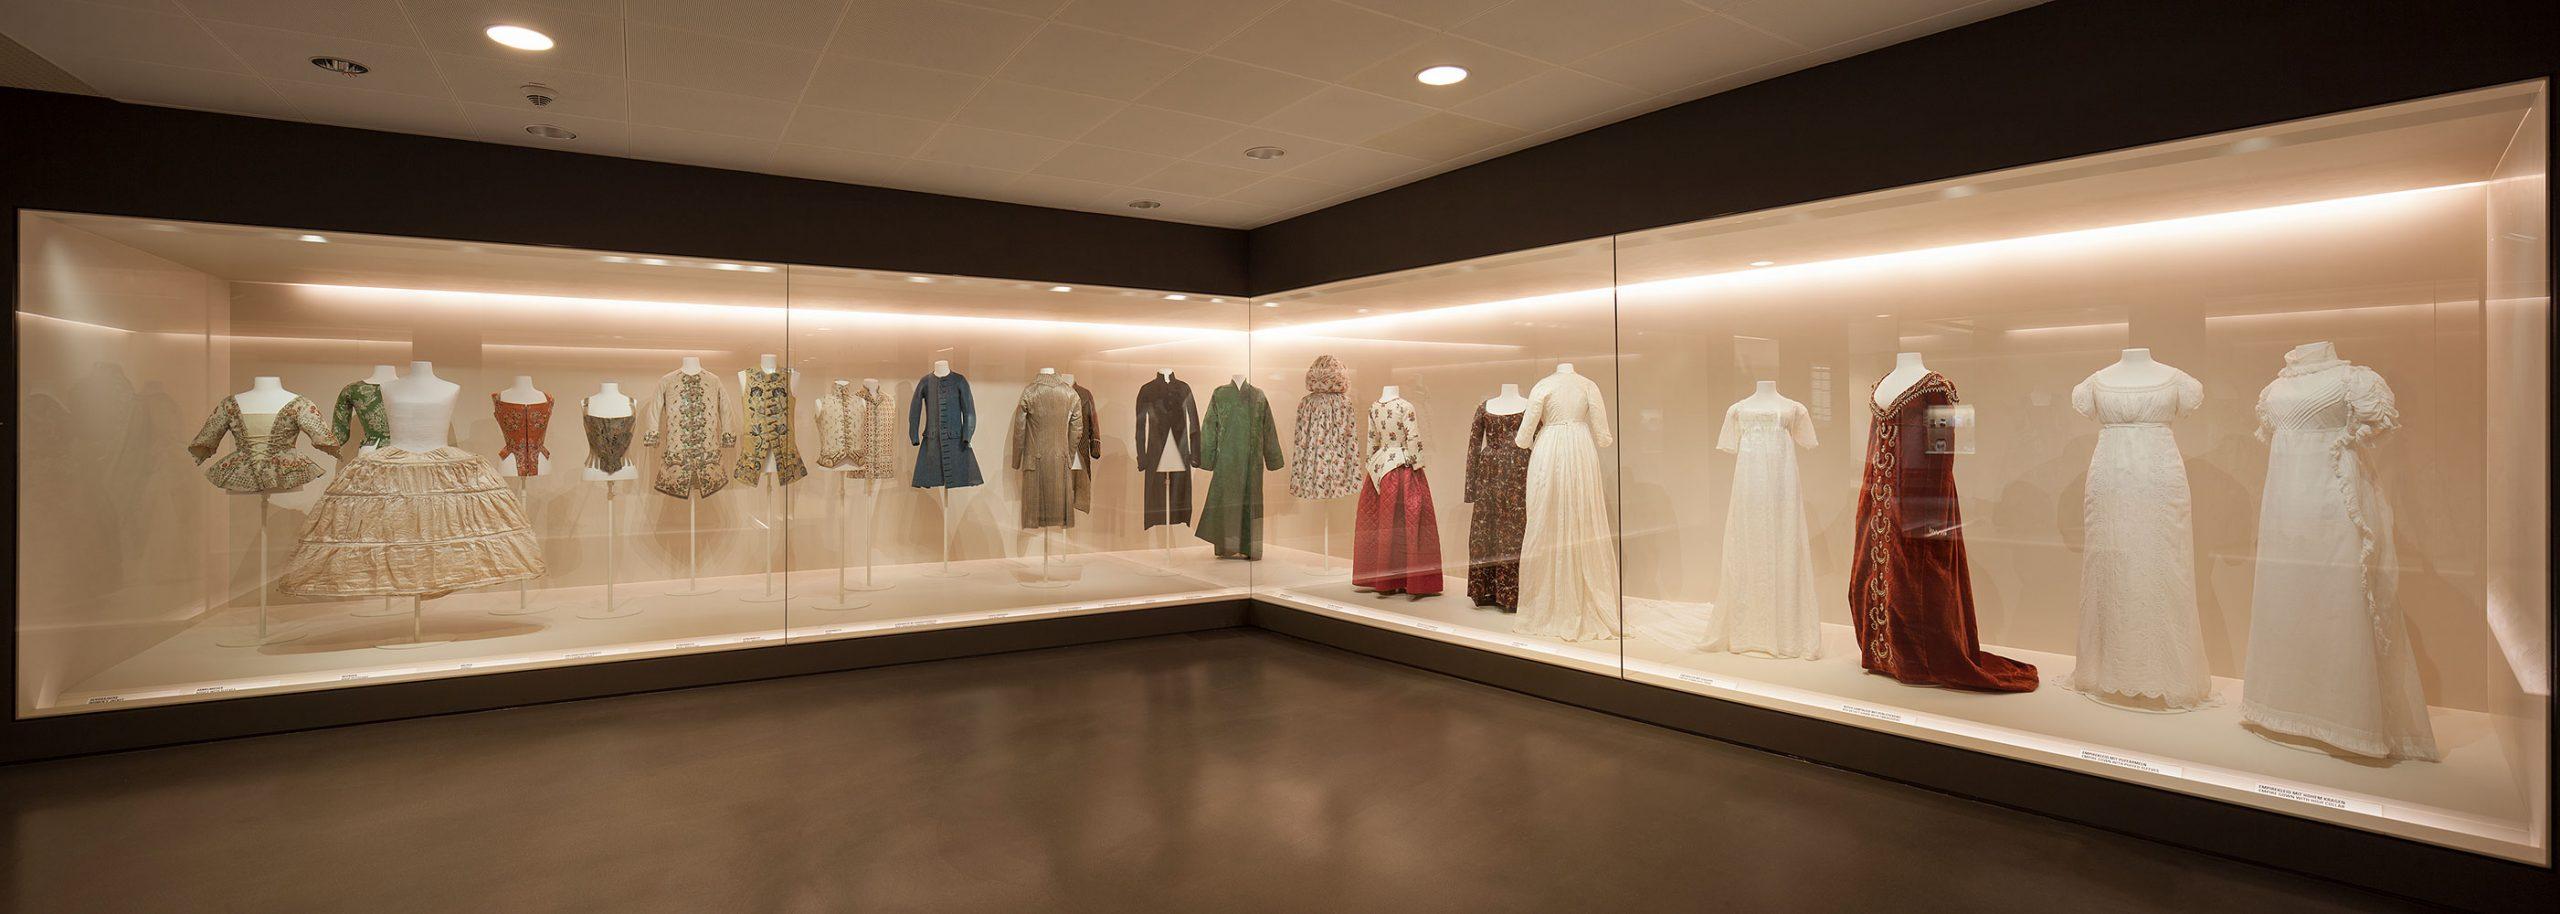 """Kunstgewerbemuseum, """"Die Modegalerie"""", Berlin"""